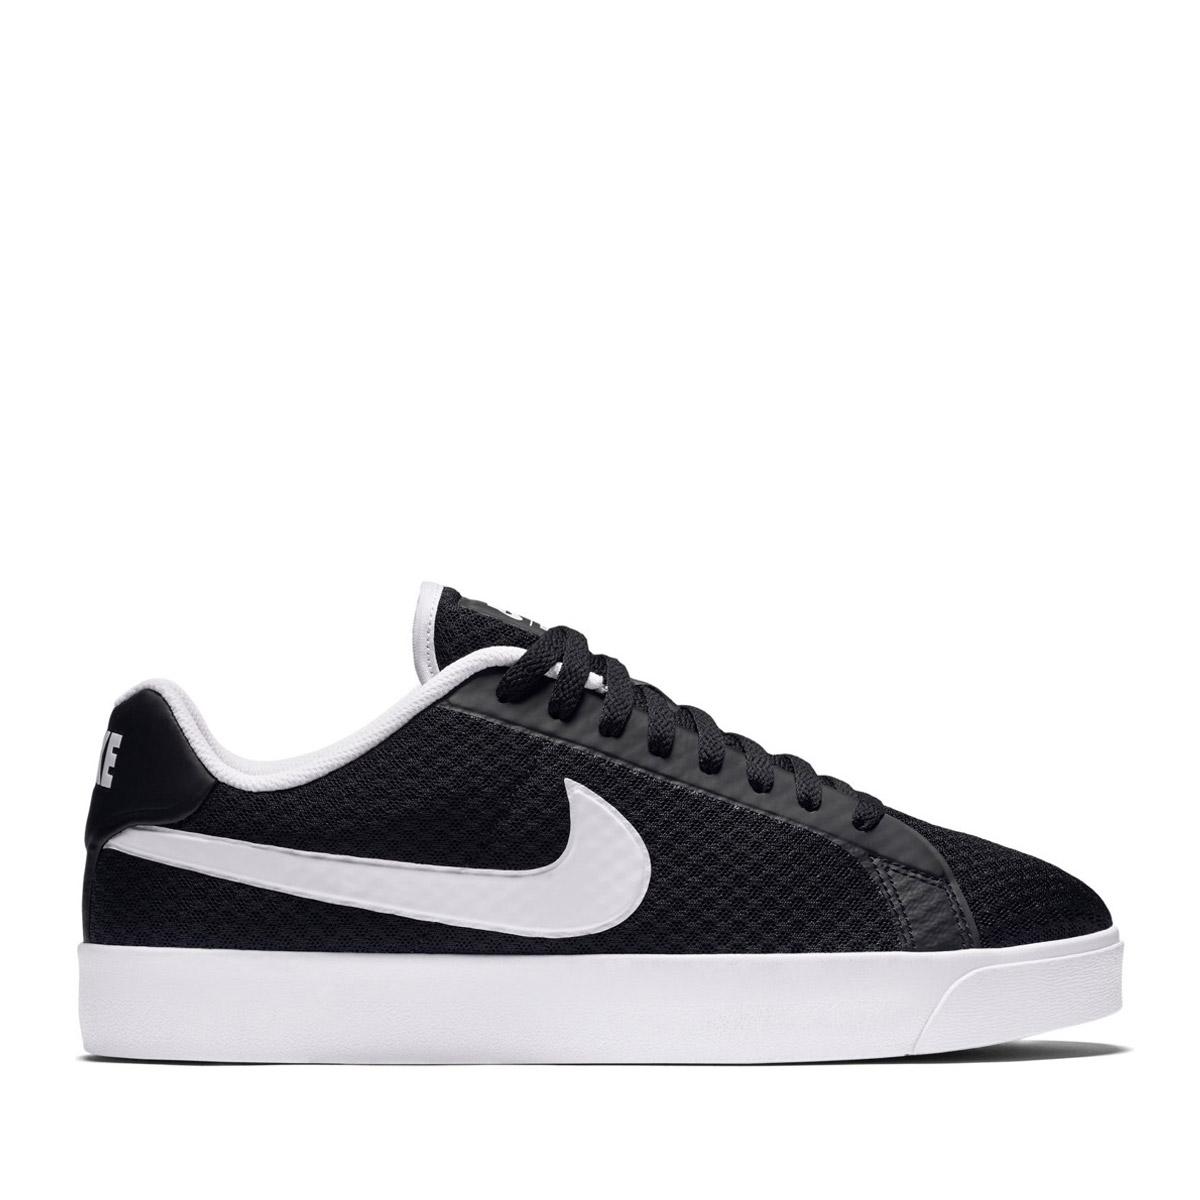 NIKE COURT ROYALE LW TXT (Nike coat royal LW textile) BLACK/WHITE 17SU-I